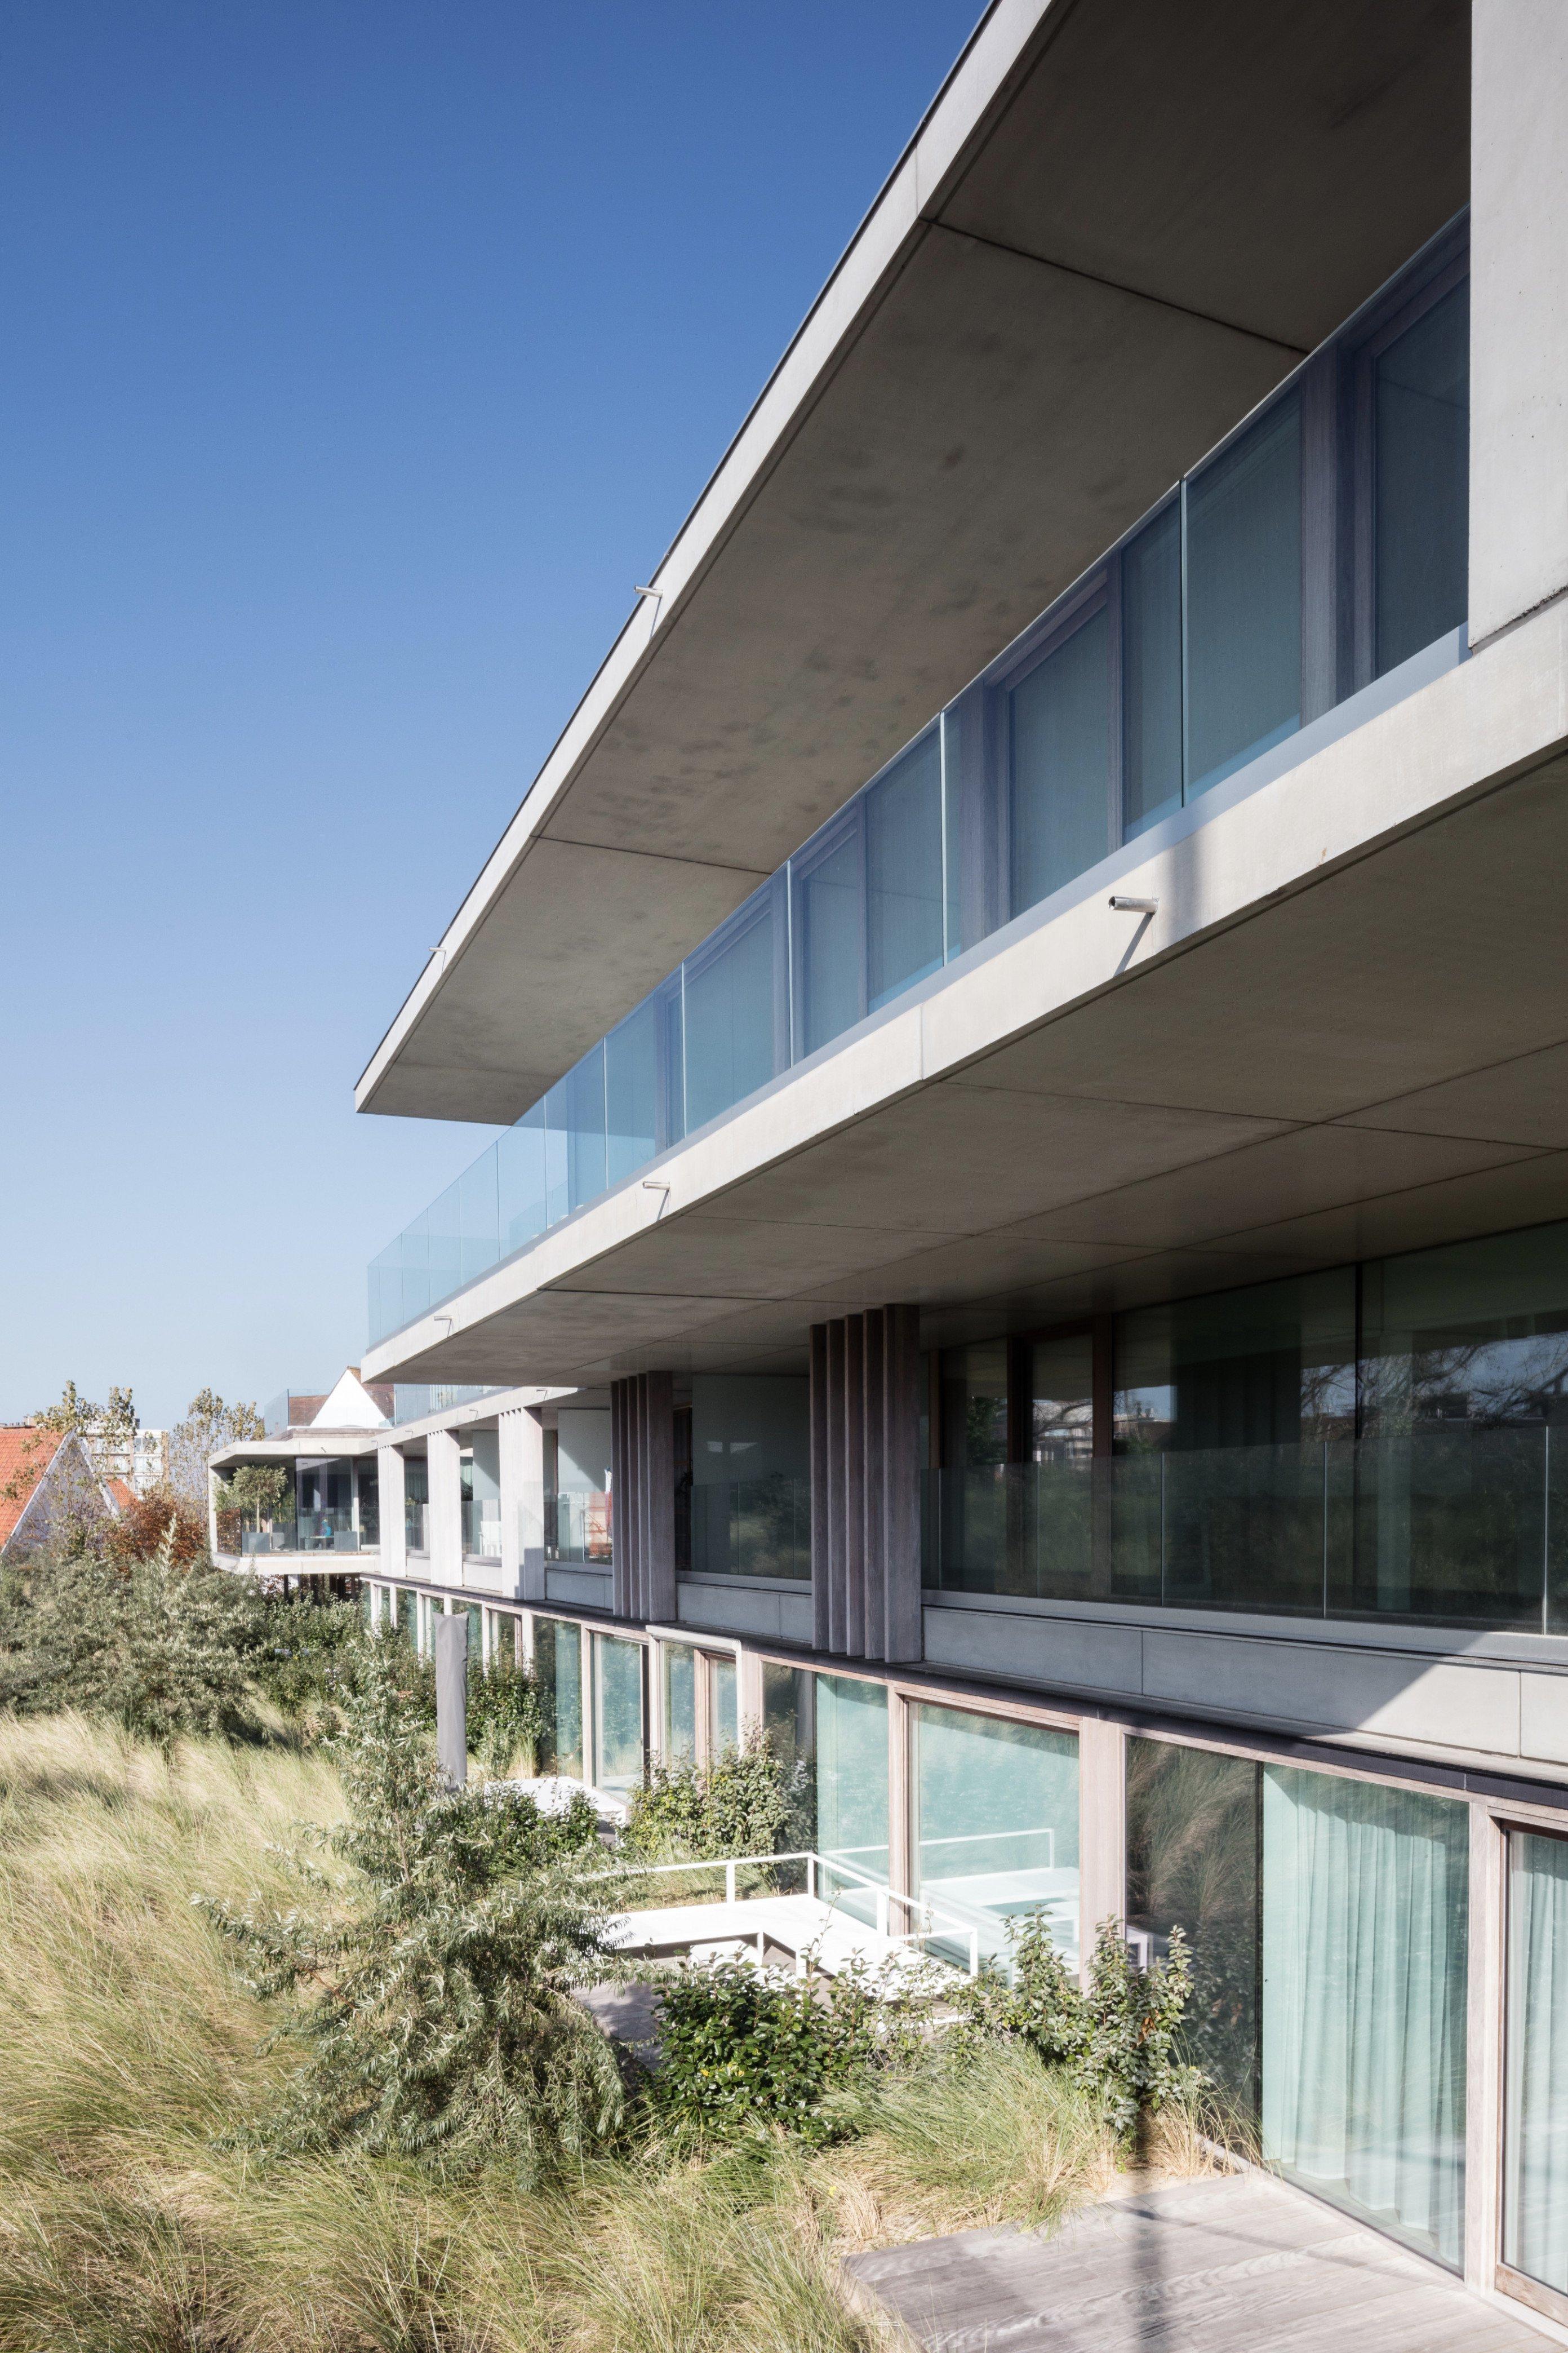 Rietveldprojects-Corbu-Koksijde-Fototimvandevelde16.jpg